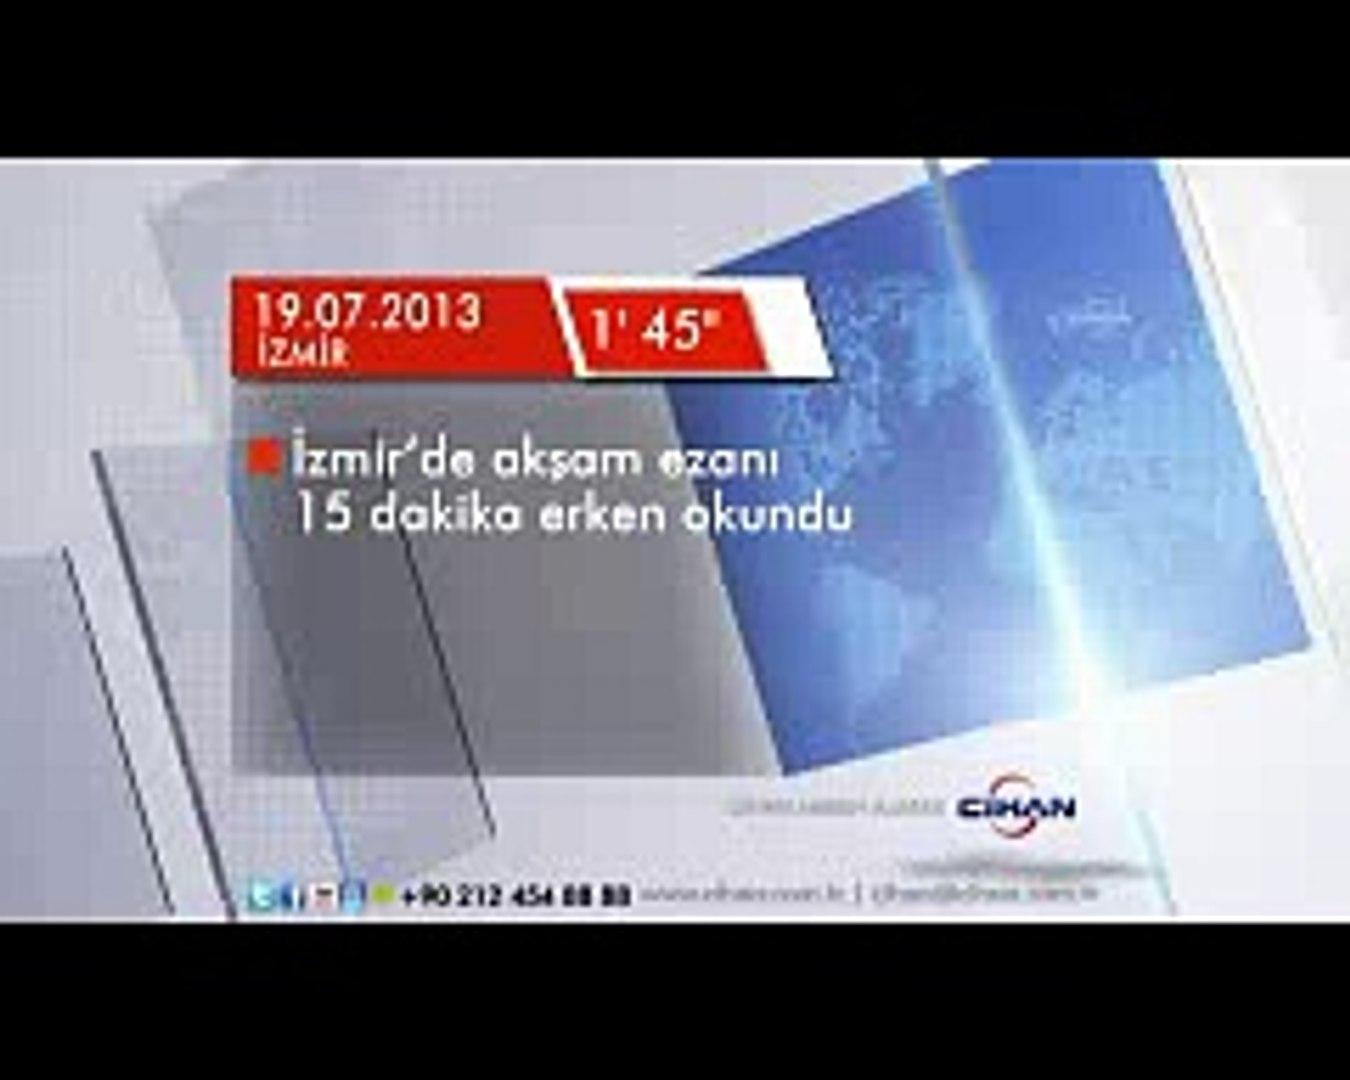 Izmir De Aksam Ezani 15 Dakika Erken Okundu Izmir Konak